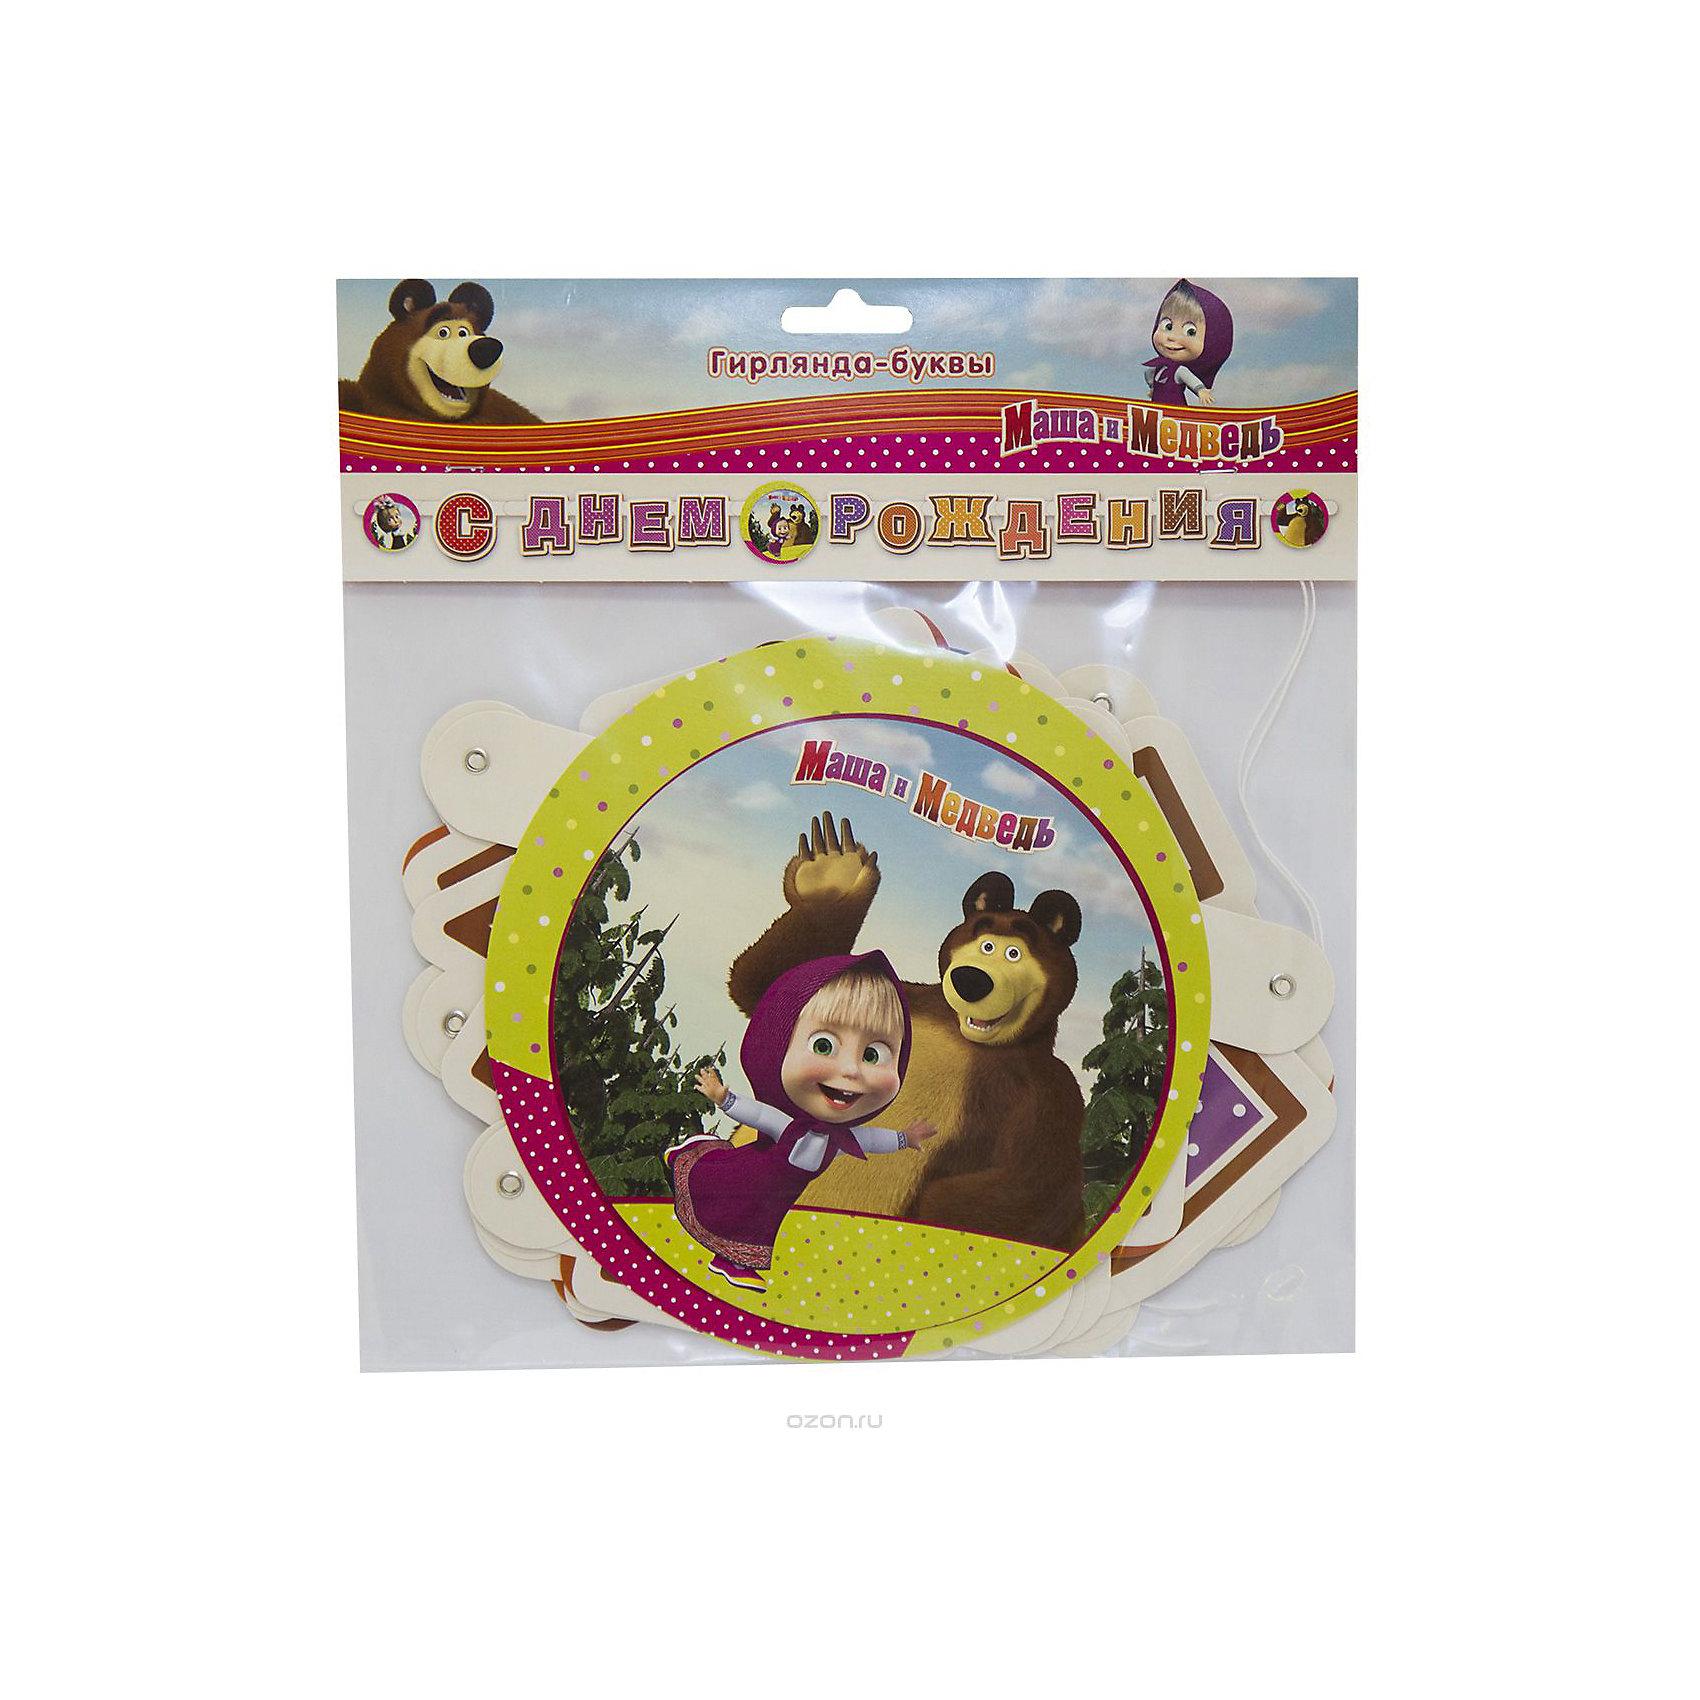 Гирлянда-буквы С Днем Рождения. Маша и Медведь, 200 см., Веселая ЗатеяГирлянда-буквы С Днем Рождения. Маша и Медведь, 200 см., Веселая Затея<br><br>Характеристики:<br><br>• Размер: 200 см<br>• Цвет: разноцветный<br>• Слово: «С днем Рождения»<br><br>Эта замечательная праздничная гирлянда позволит вам украсить ваш дом к празднику. Яркость надписи «С днем Рождения» однозначно сможет сделать дом именинника торжественным и красивым. Ее длина – 200 сантиметров, что не даст ей затеряться на фоне других праздничных атрибутов, либо же сделает ее самодостаточным украшением для особого дня. <br><br>Гирлянда-буквы С Днем Рождения. Маша и Медведь, 200 см., Веселая Затея можно купить в нашем интернет-магазине.<br><br>Ширина мм: 270<br>Глубина мм: 350<br>Высота мм: 30<br>Вес г: 80<br>Возраст от месяцев: 36<br>Возраст до месяцев: 2147483647<br>Пол: Унисекс<br>Возраст: Детский<br>SKU: 5445417